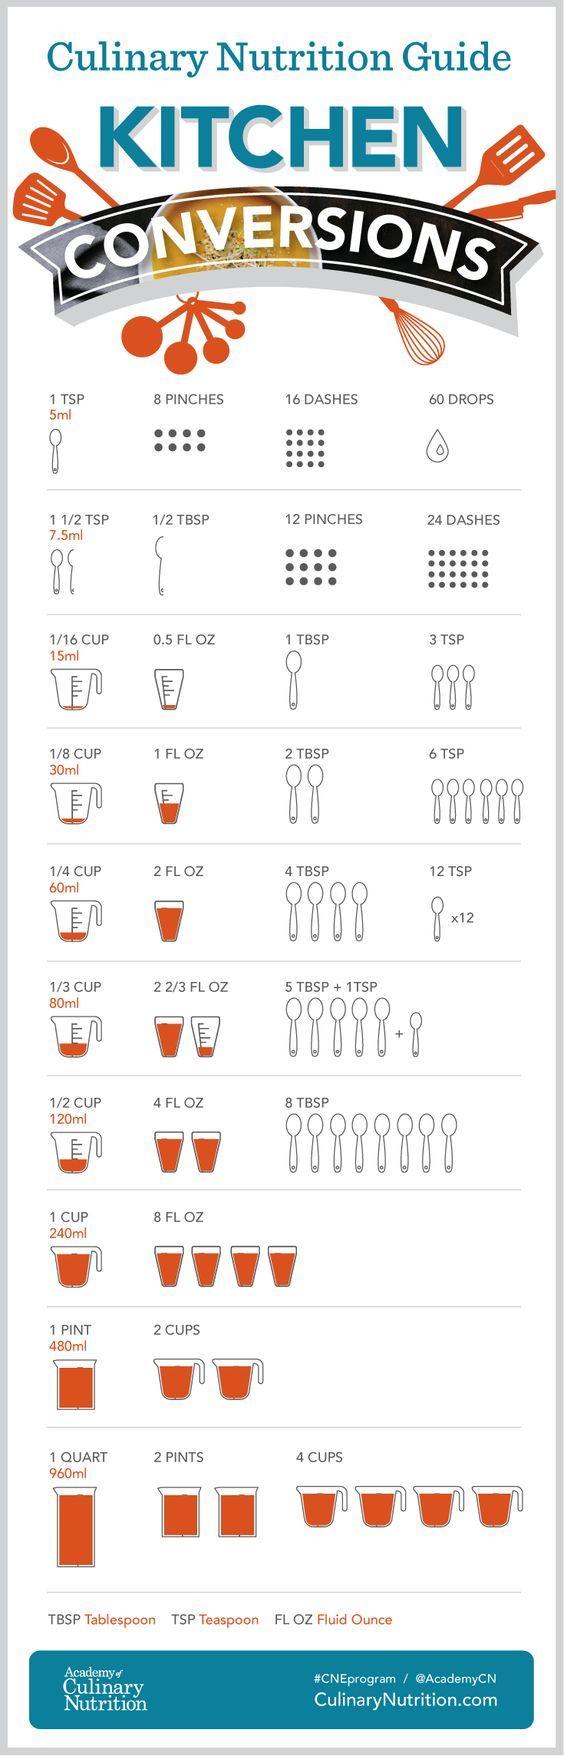 Simple Kitchen Conversion Infographic | Maßeinheiten, Küchentipps ...